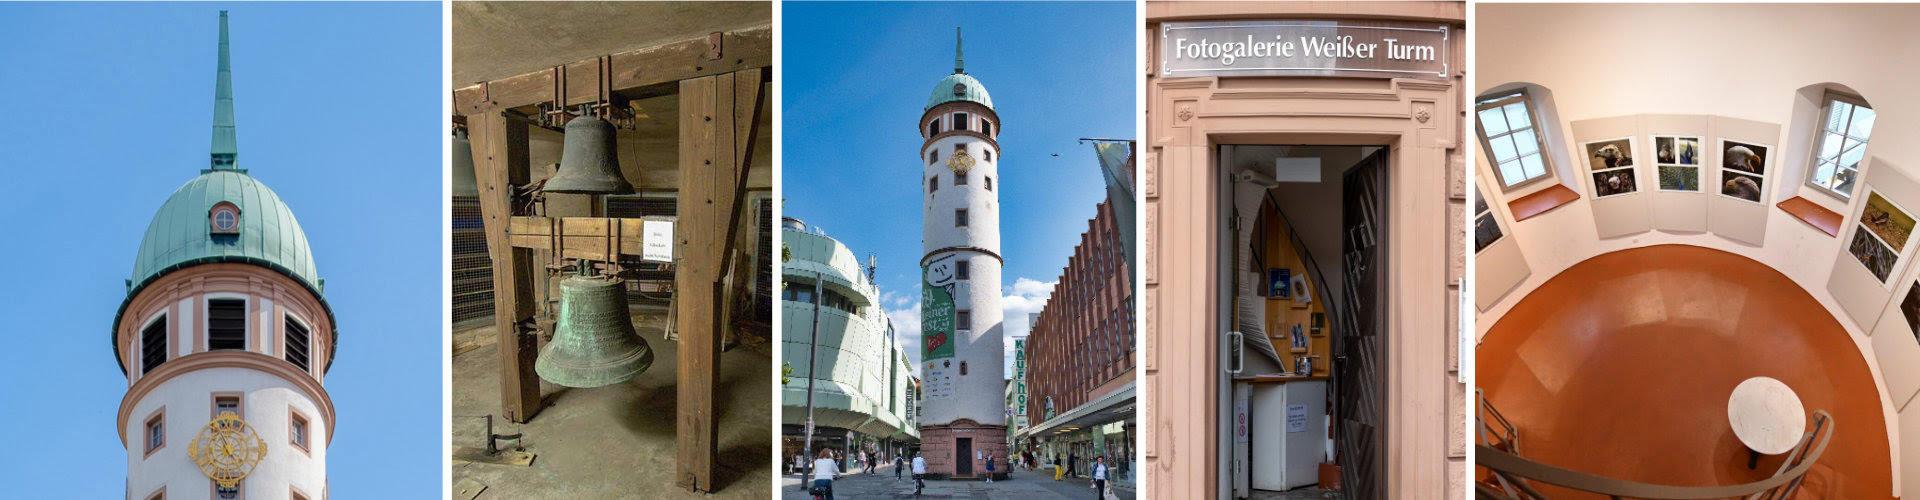 Weisser-Turm-Darmstadt